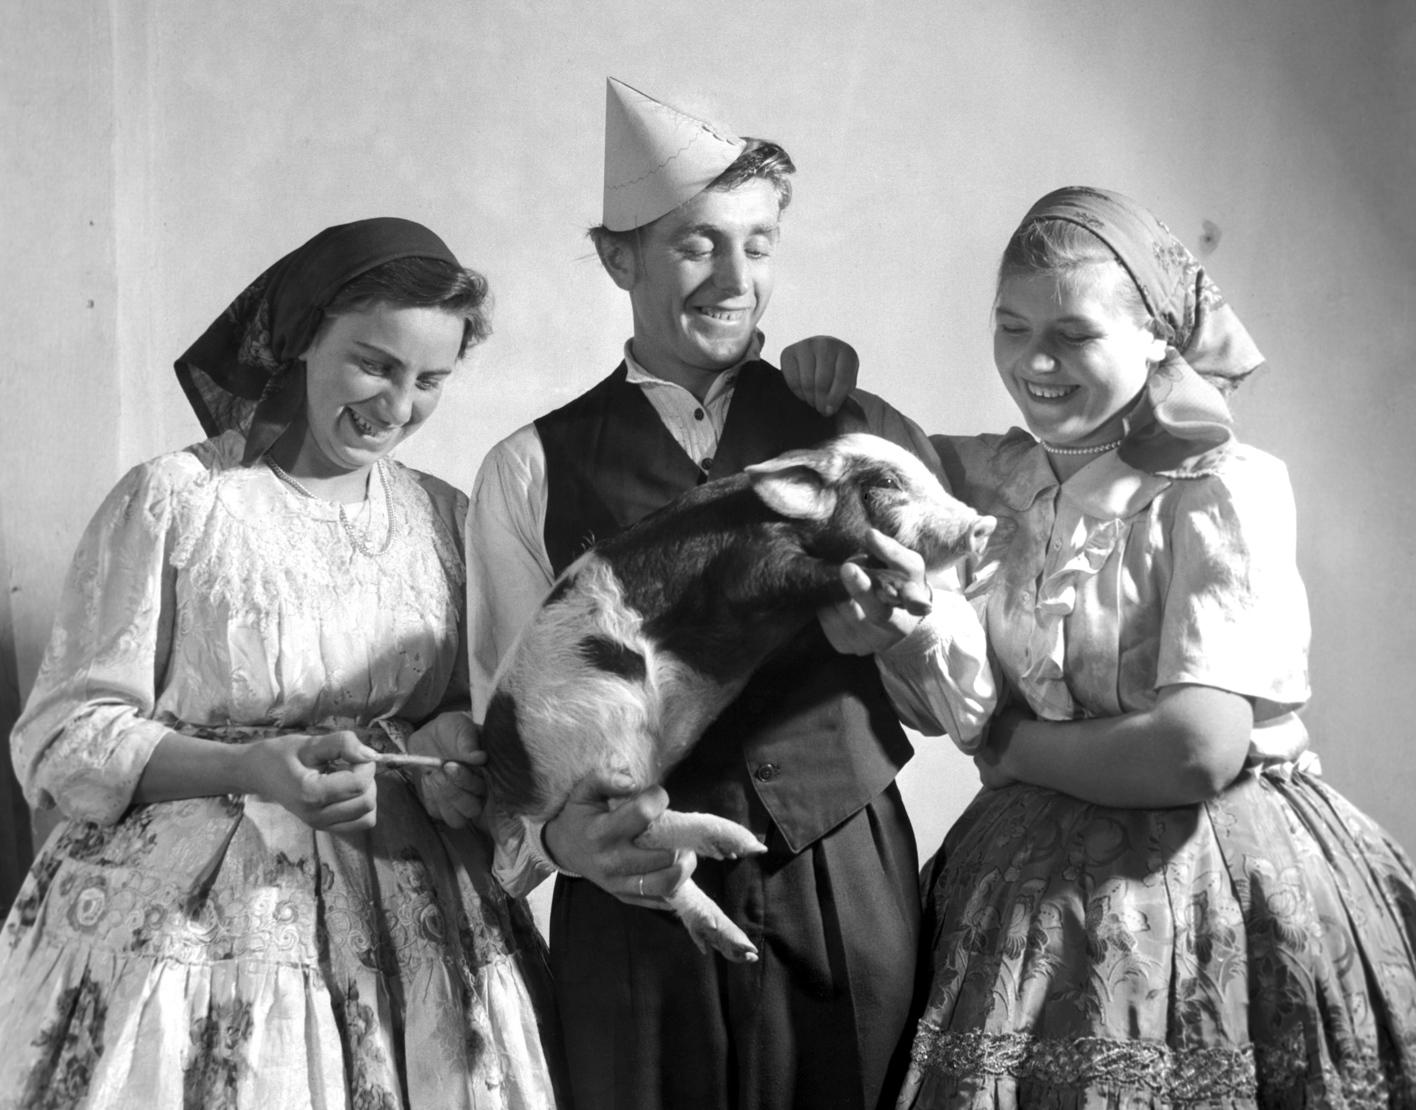 Tolna megye, 1958. január 1. A népviseletbe öltözött Szűcs Viktória, Molnár József és Molnár Julianna KISZ tagok megérintik az újévi szerencse hozó malacot Szilveszterkor a Sárközi Gazdaságban. MTI Fotó: Urbán Nándor